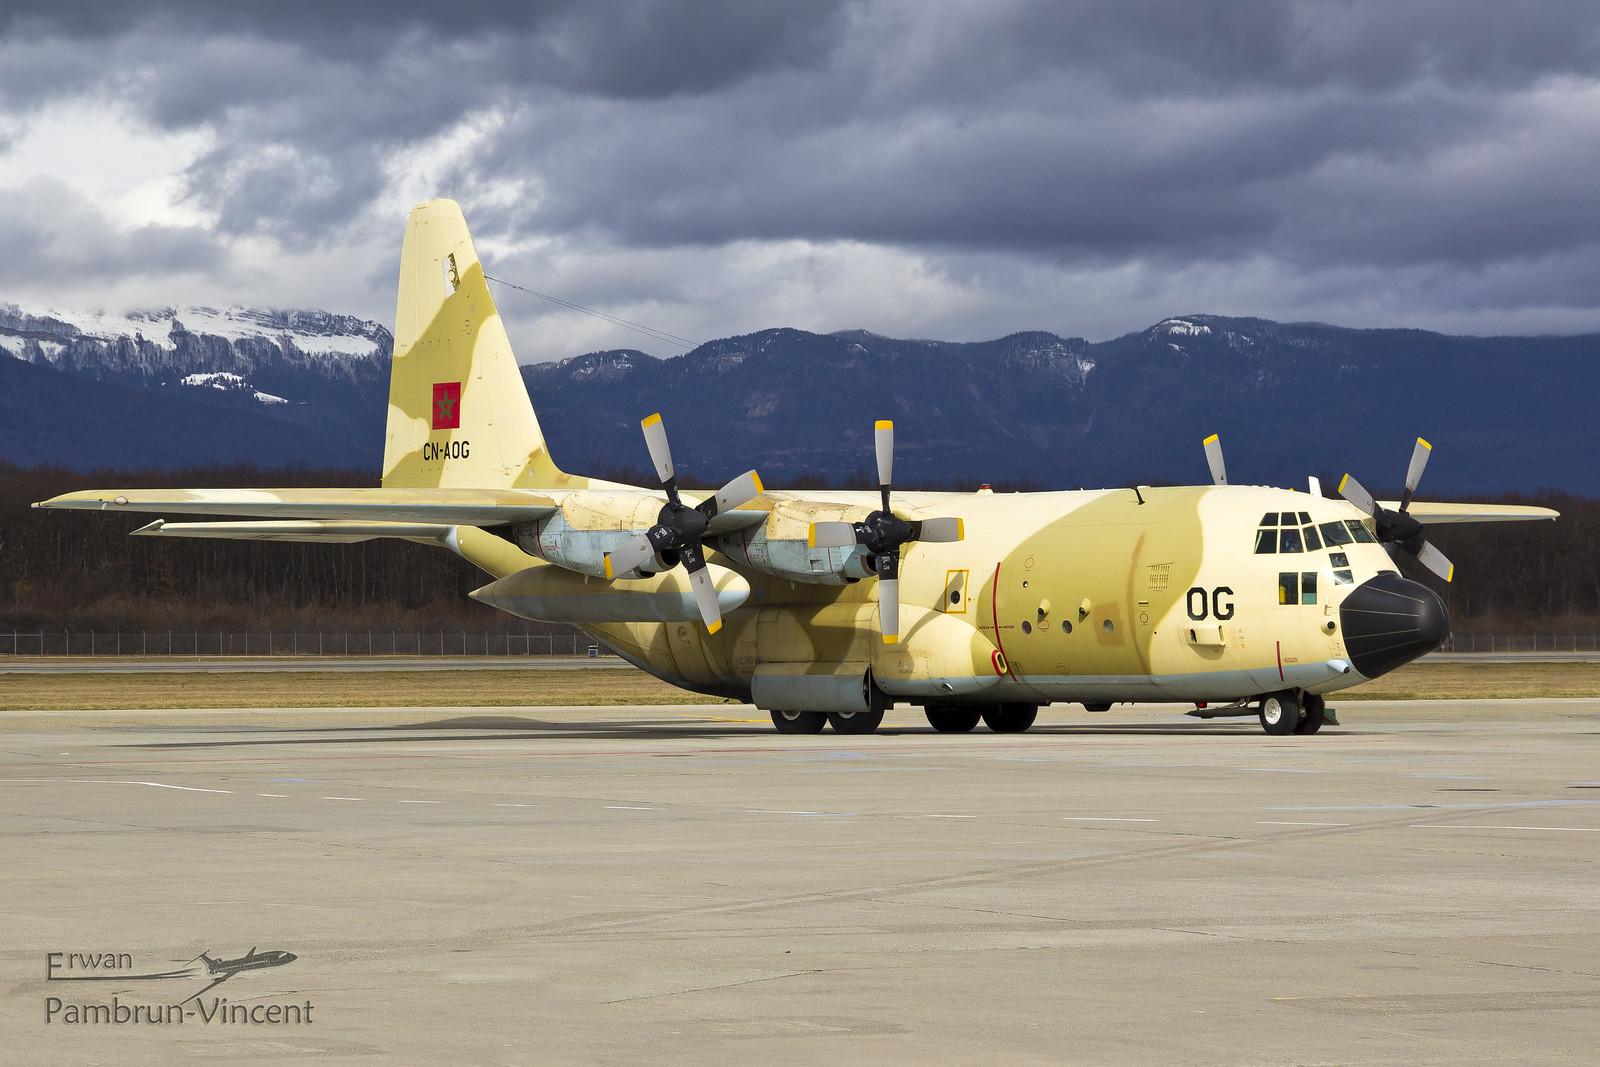 FRA: Photos d'avions de transport - Page 37 33471504148_d9b5f75fd3_h